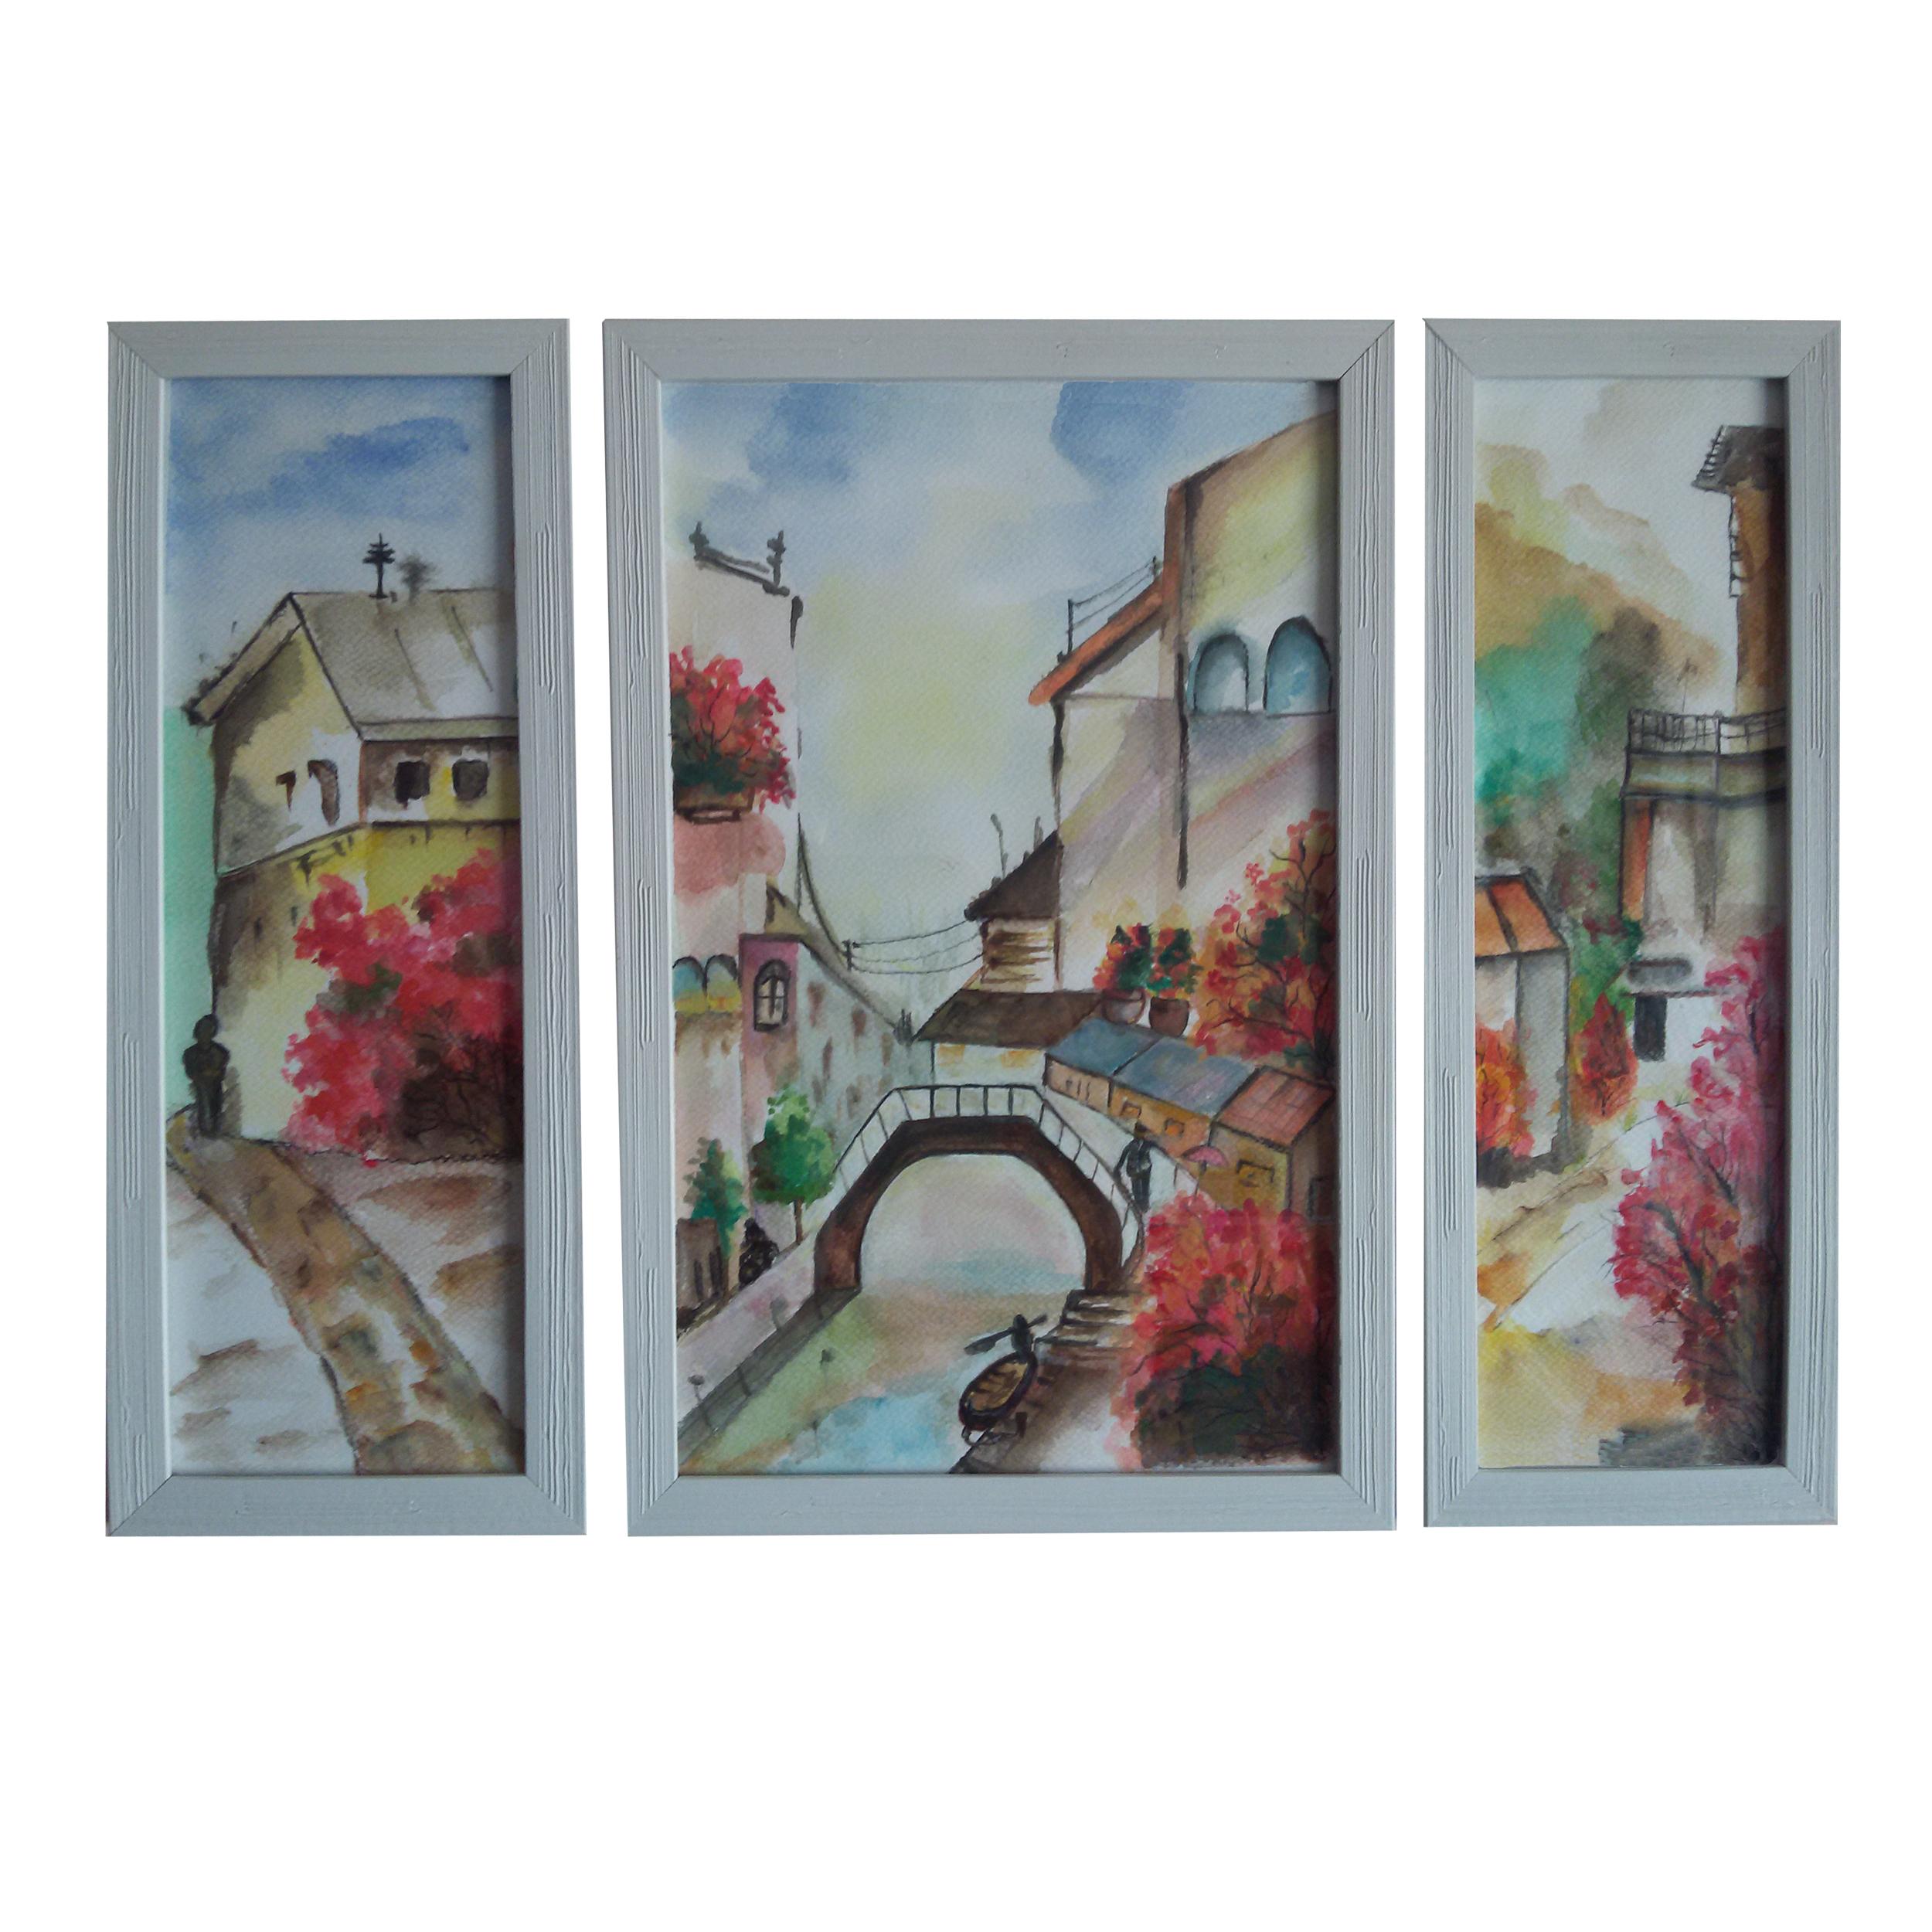 تابلوی نقاشی آبرنگ طرح شهر آرام مجموعه سه عددی